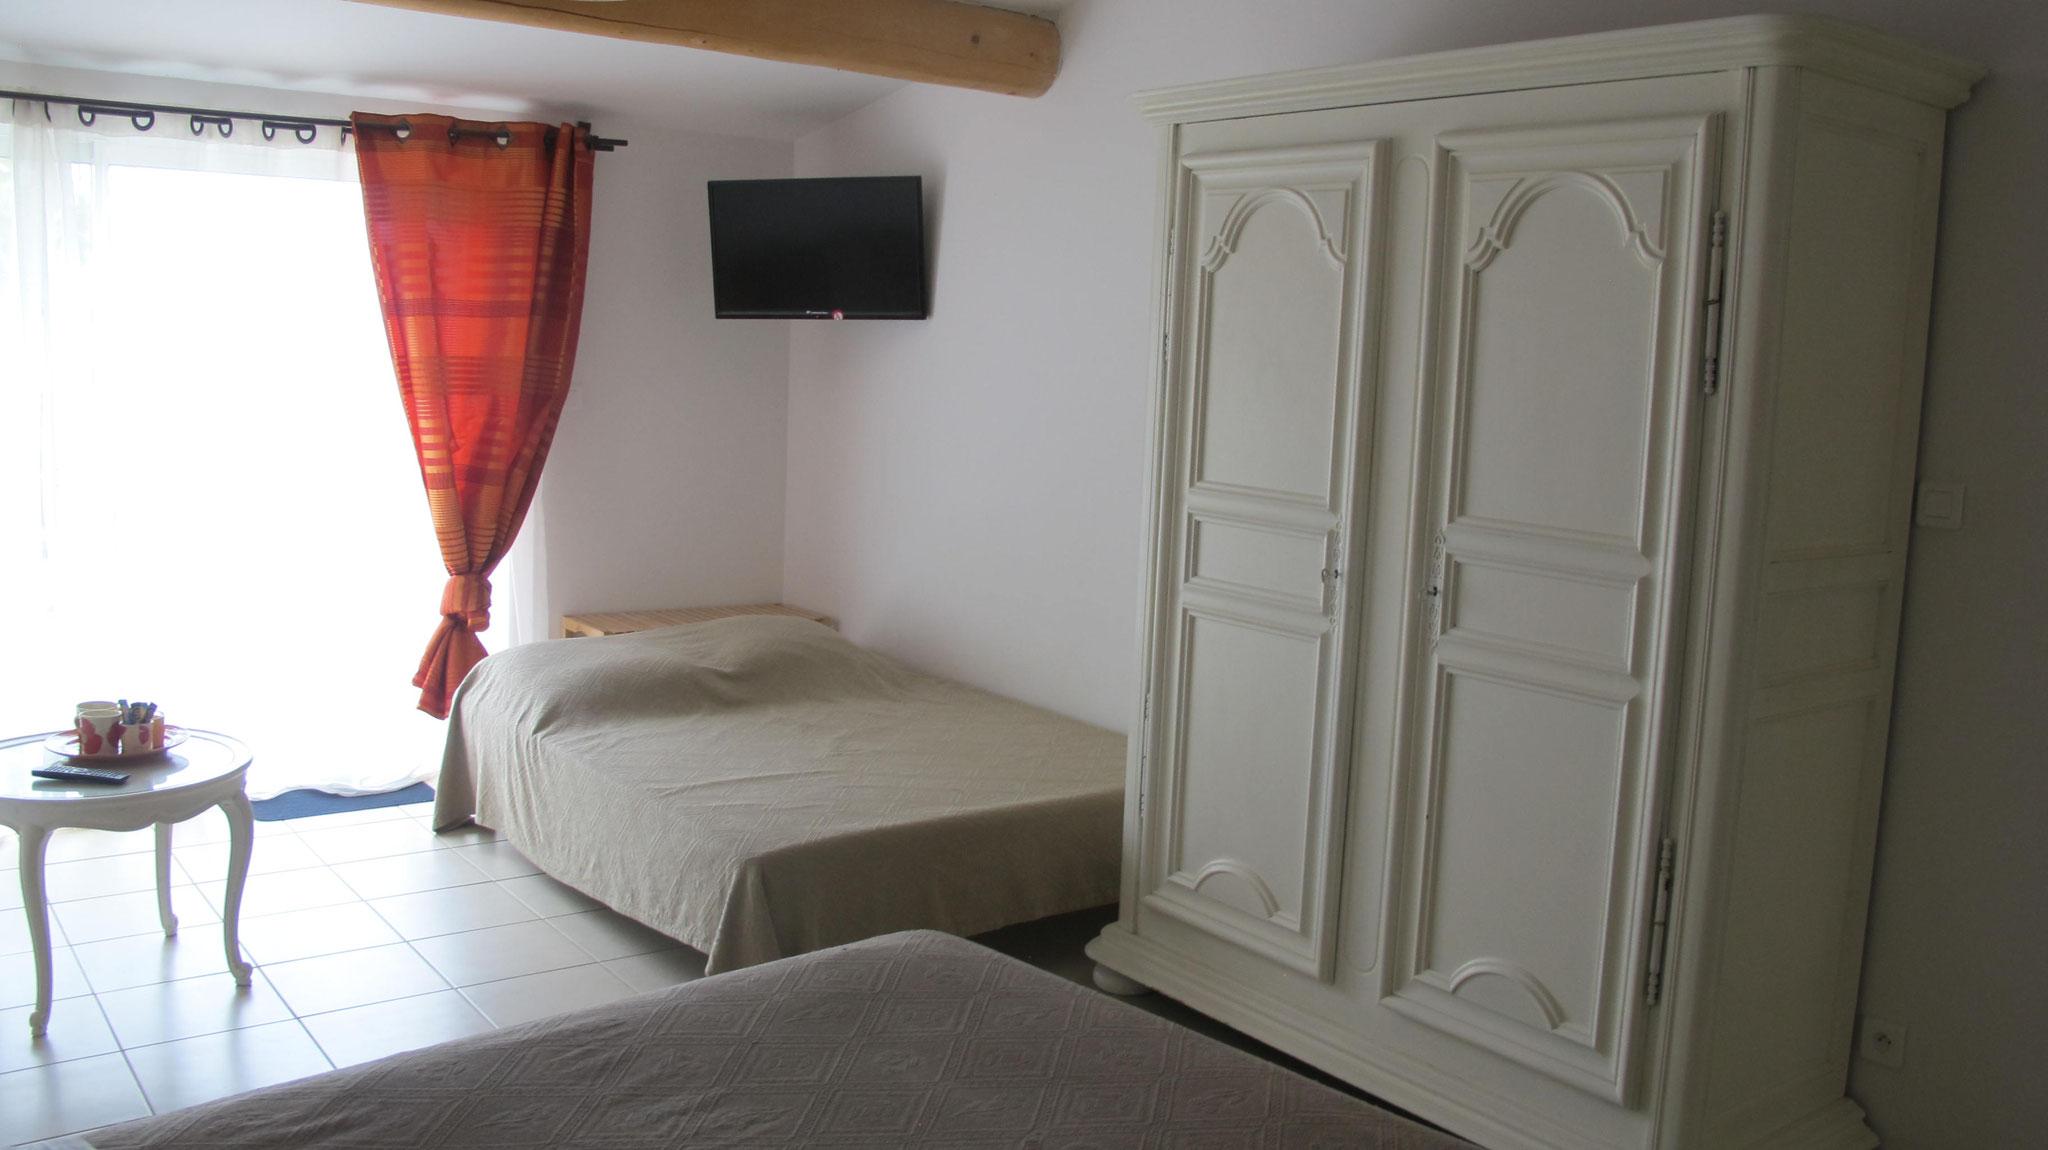 loucardaline-bedoin-ventoux-chambre d hotes-vaucluse-familliale-tout confort